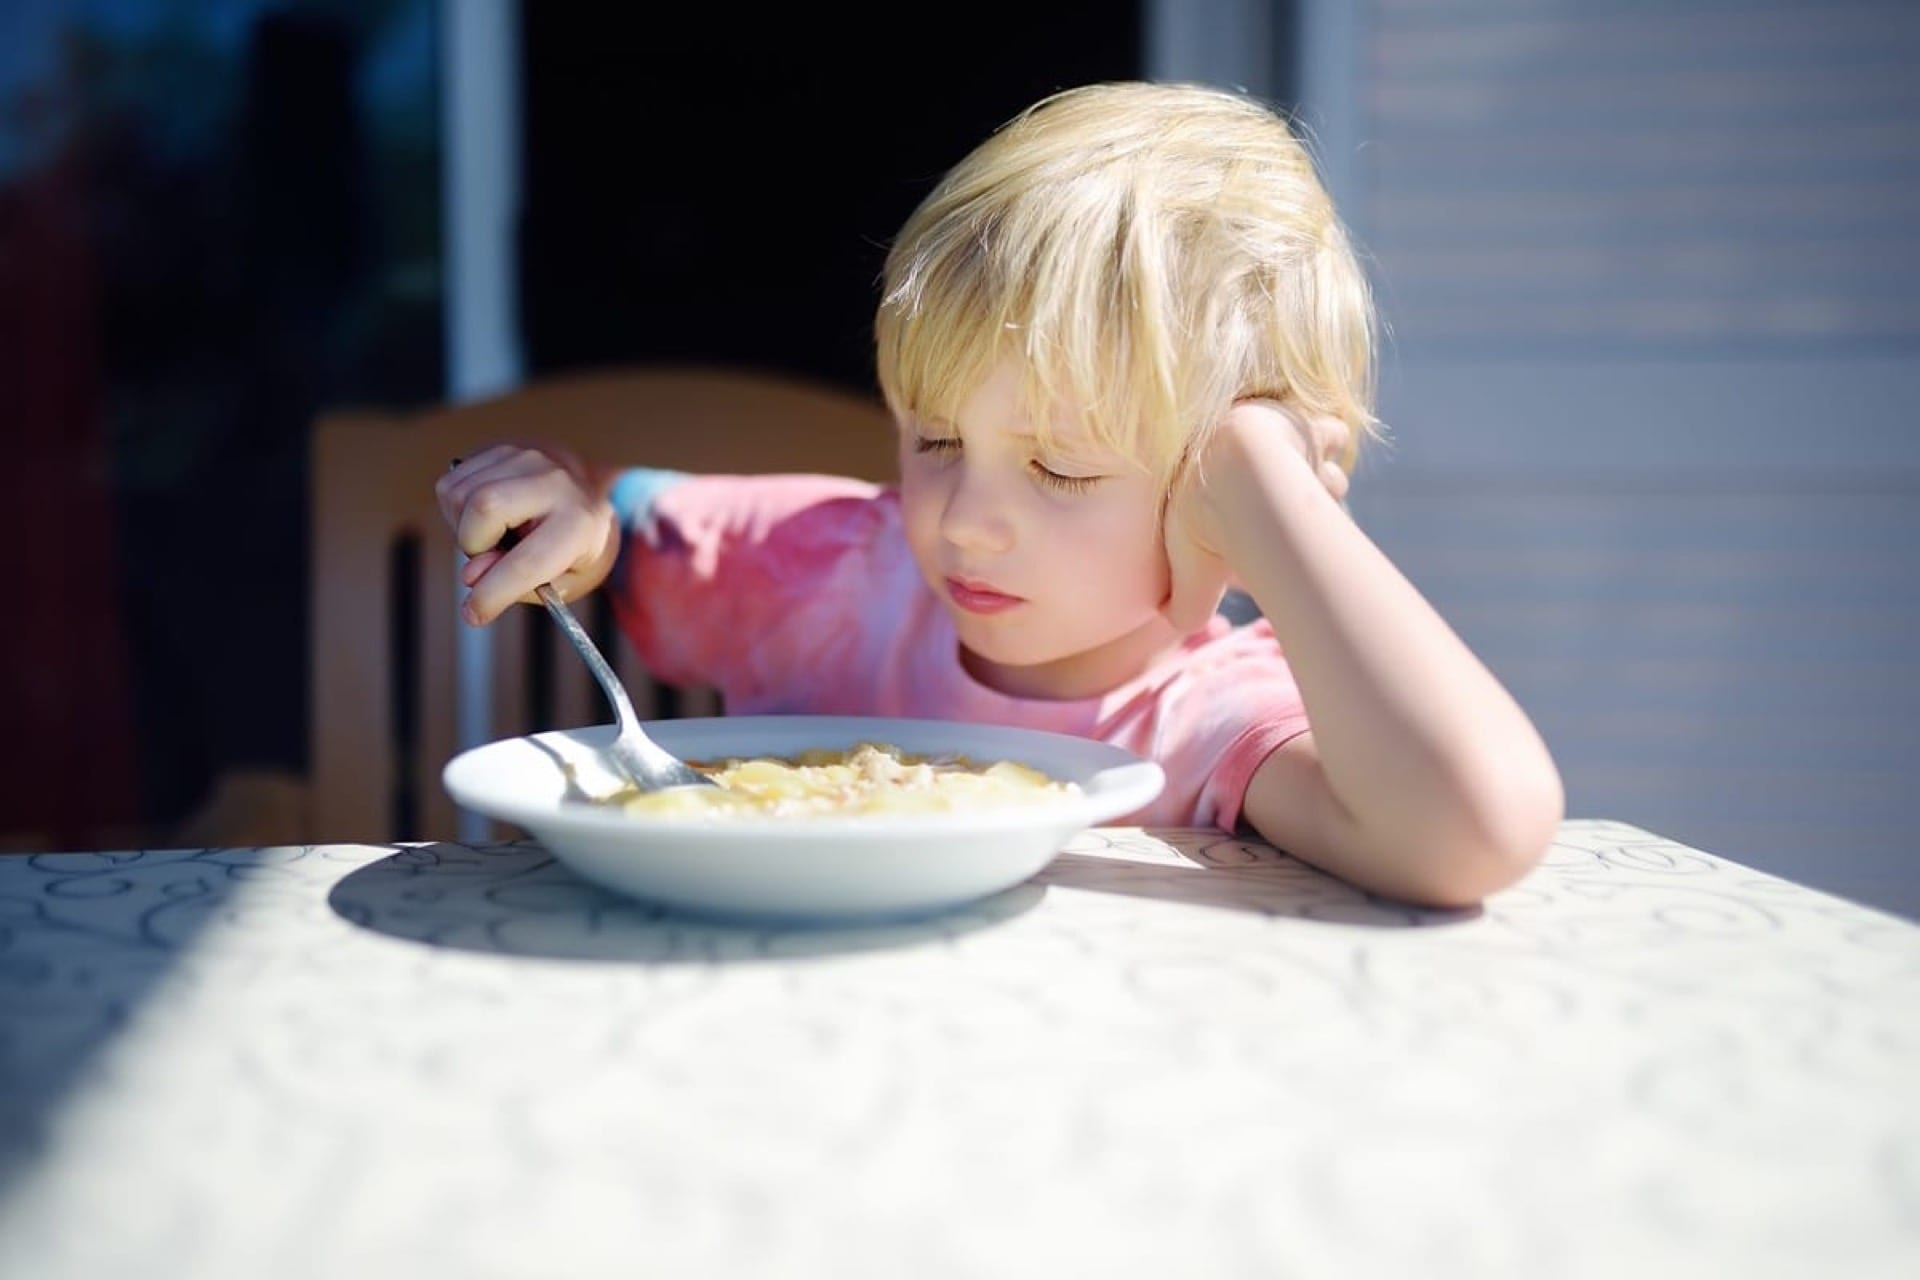 enfant-ne-veut-pas-manger